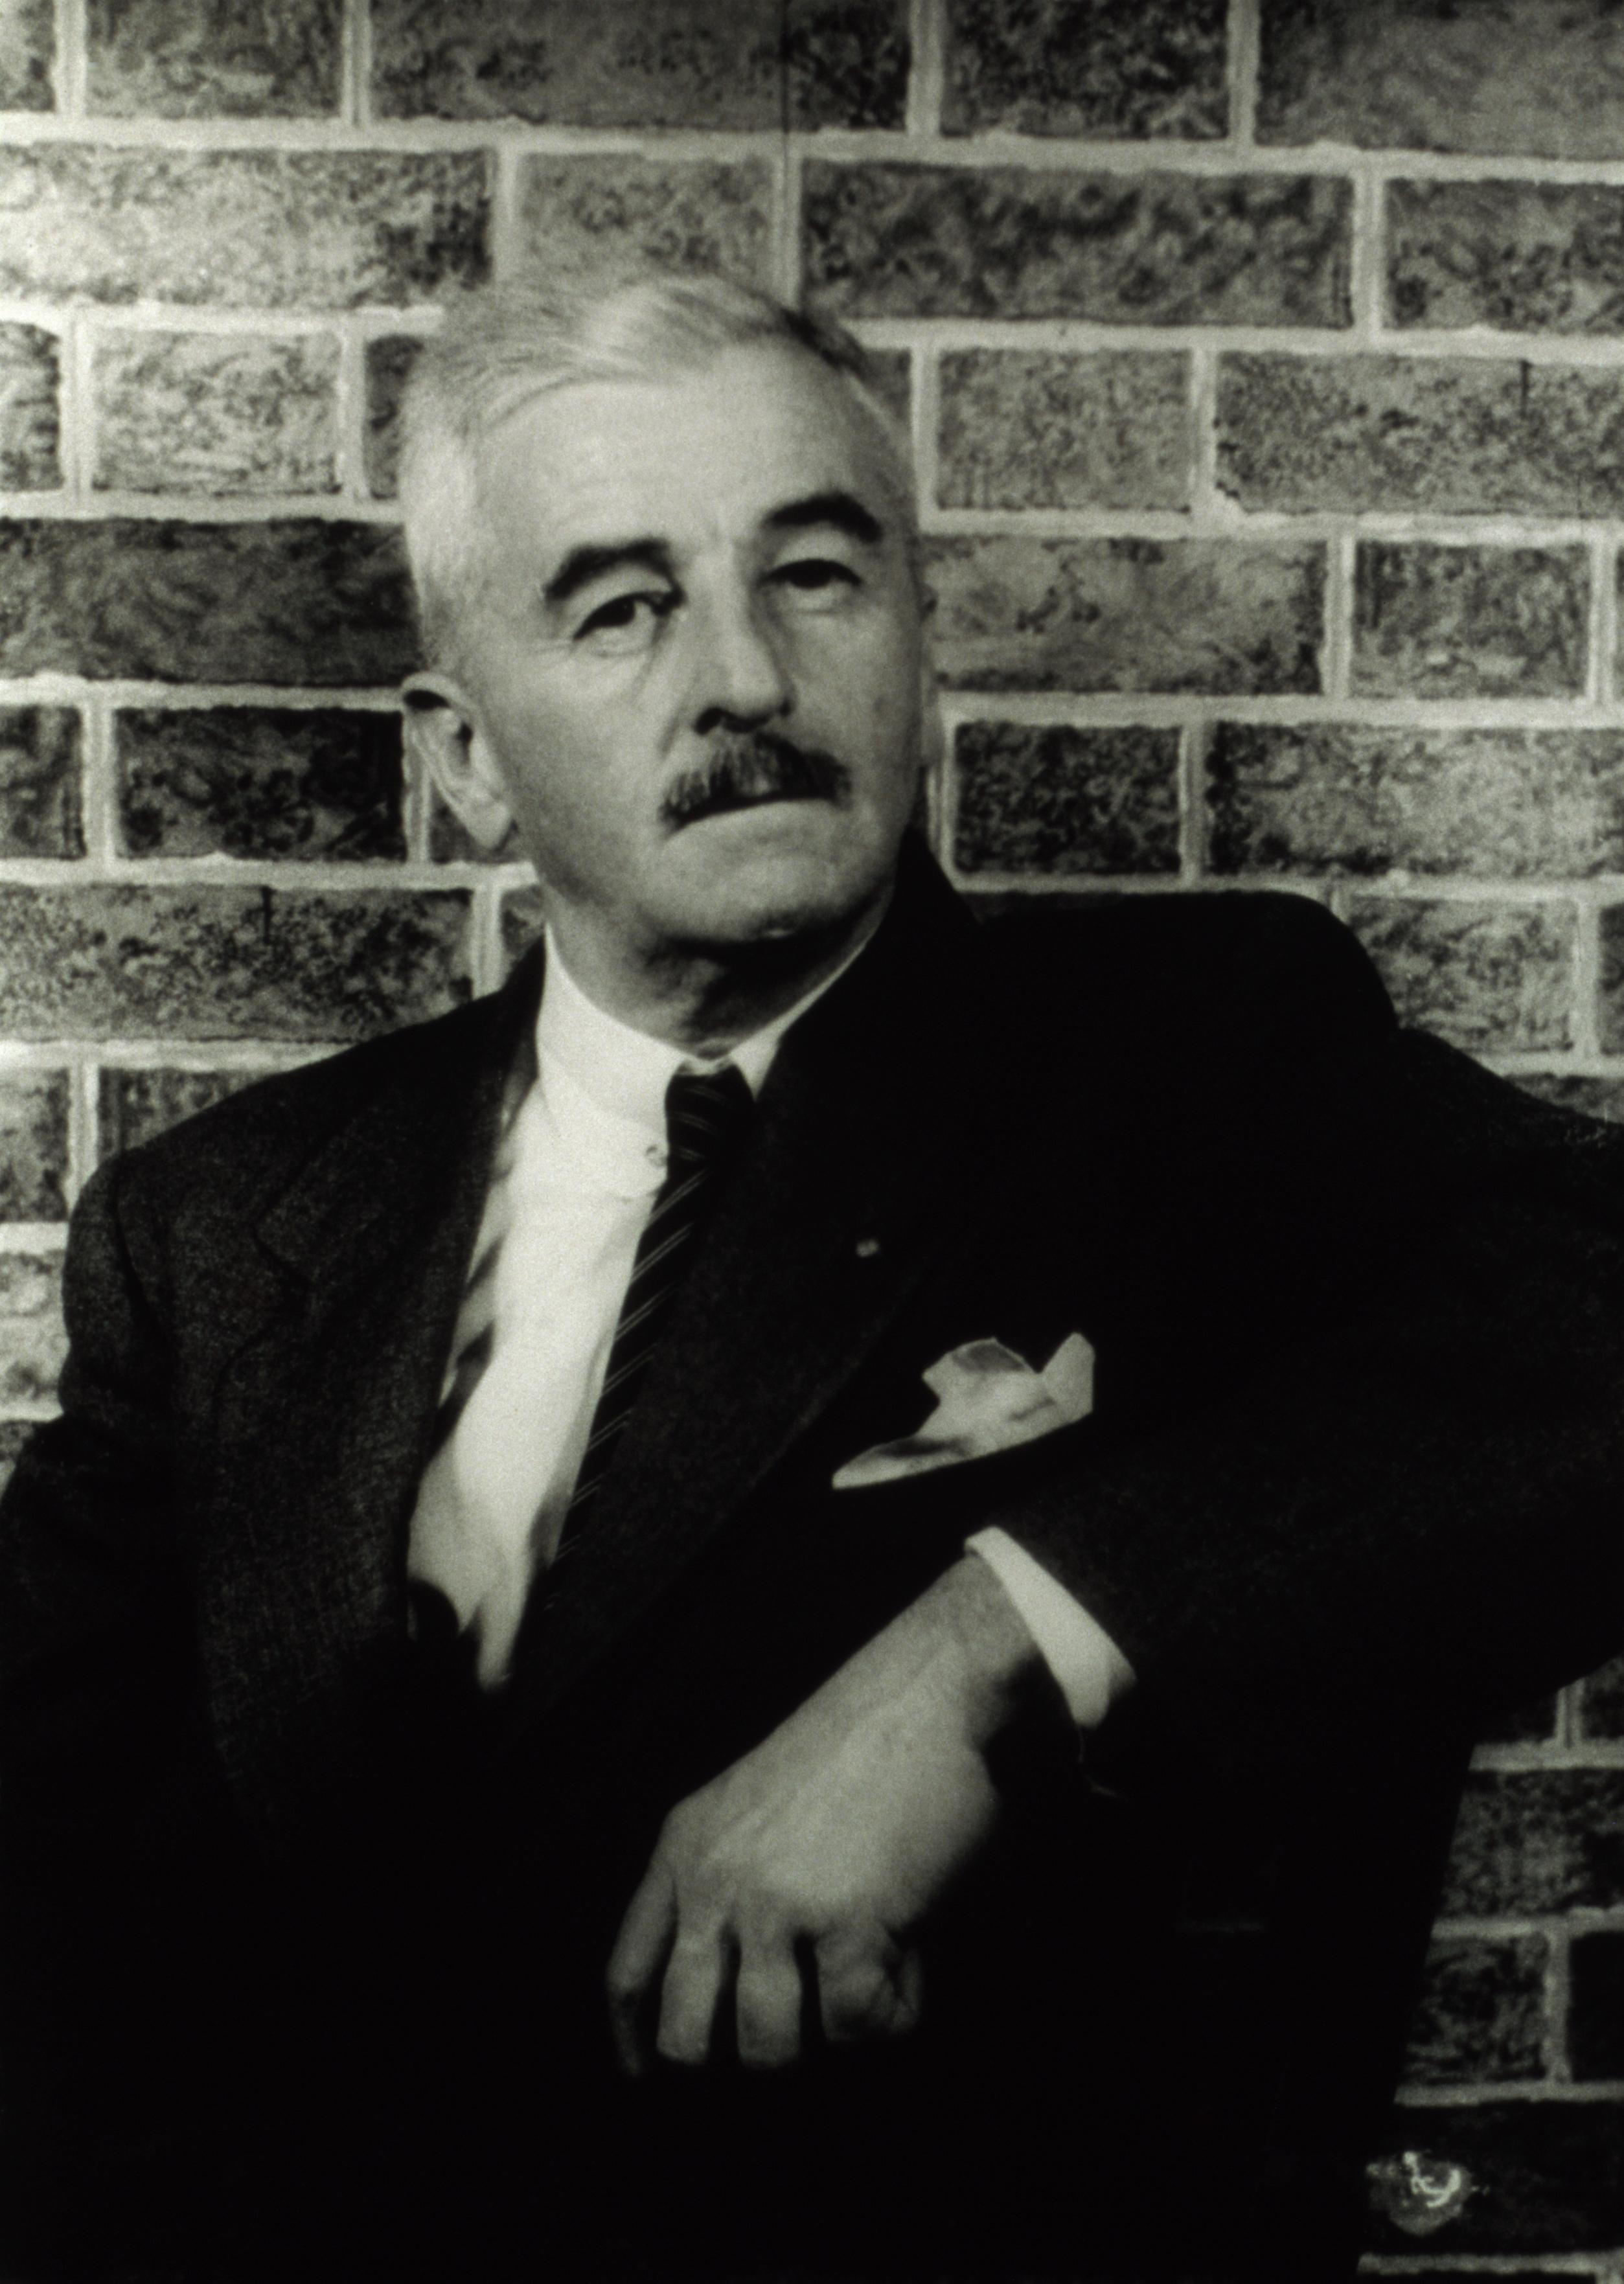 004 Essay Example William Faulkner Essays Carl Van Vechten  Stunning TopicsFull